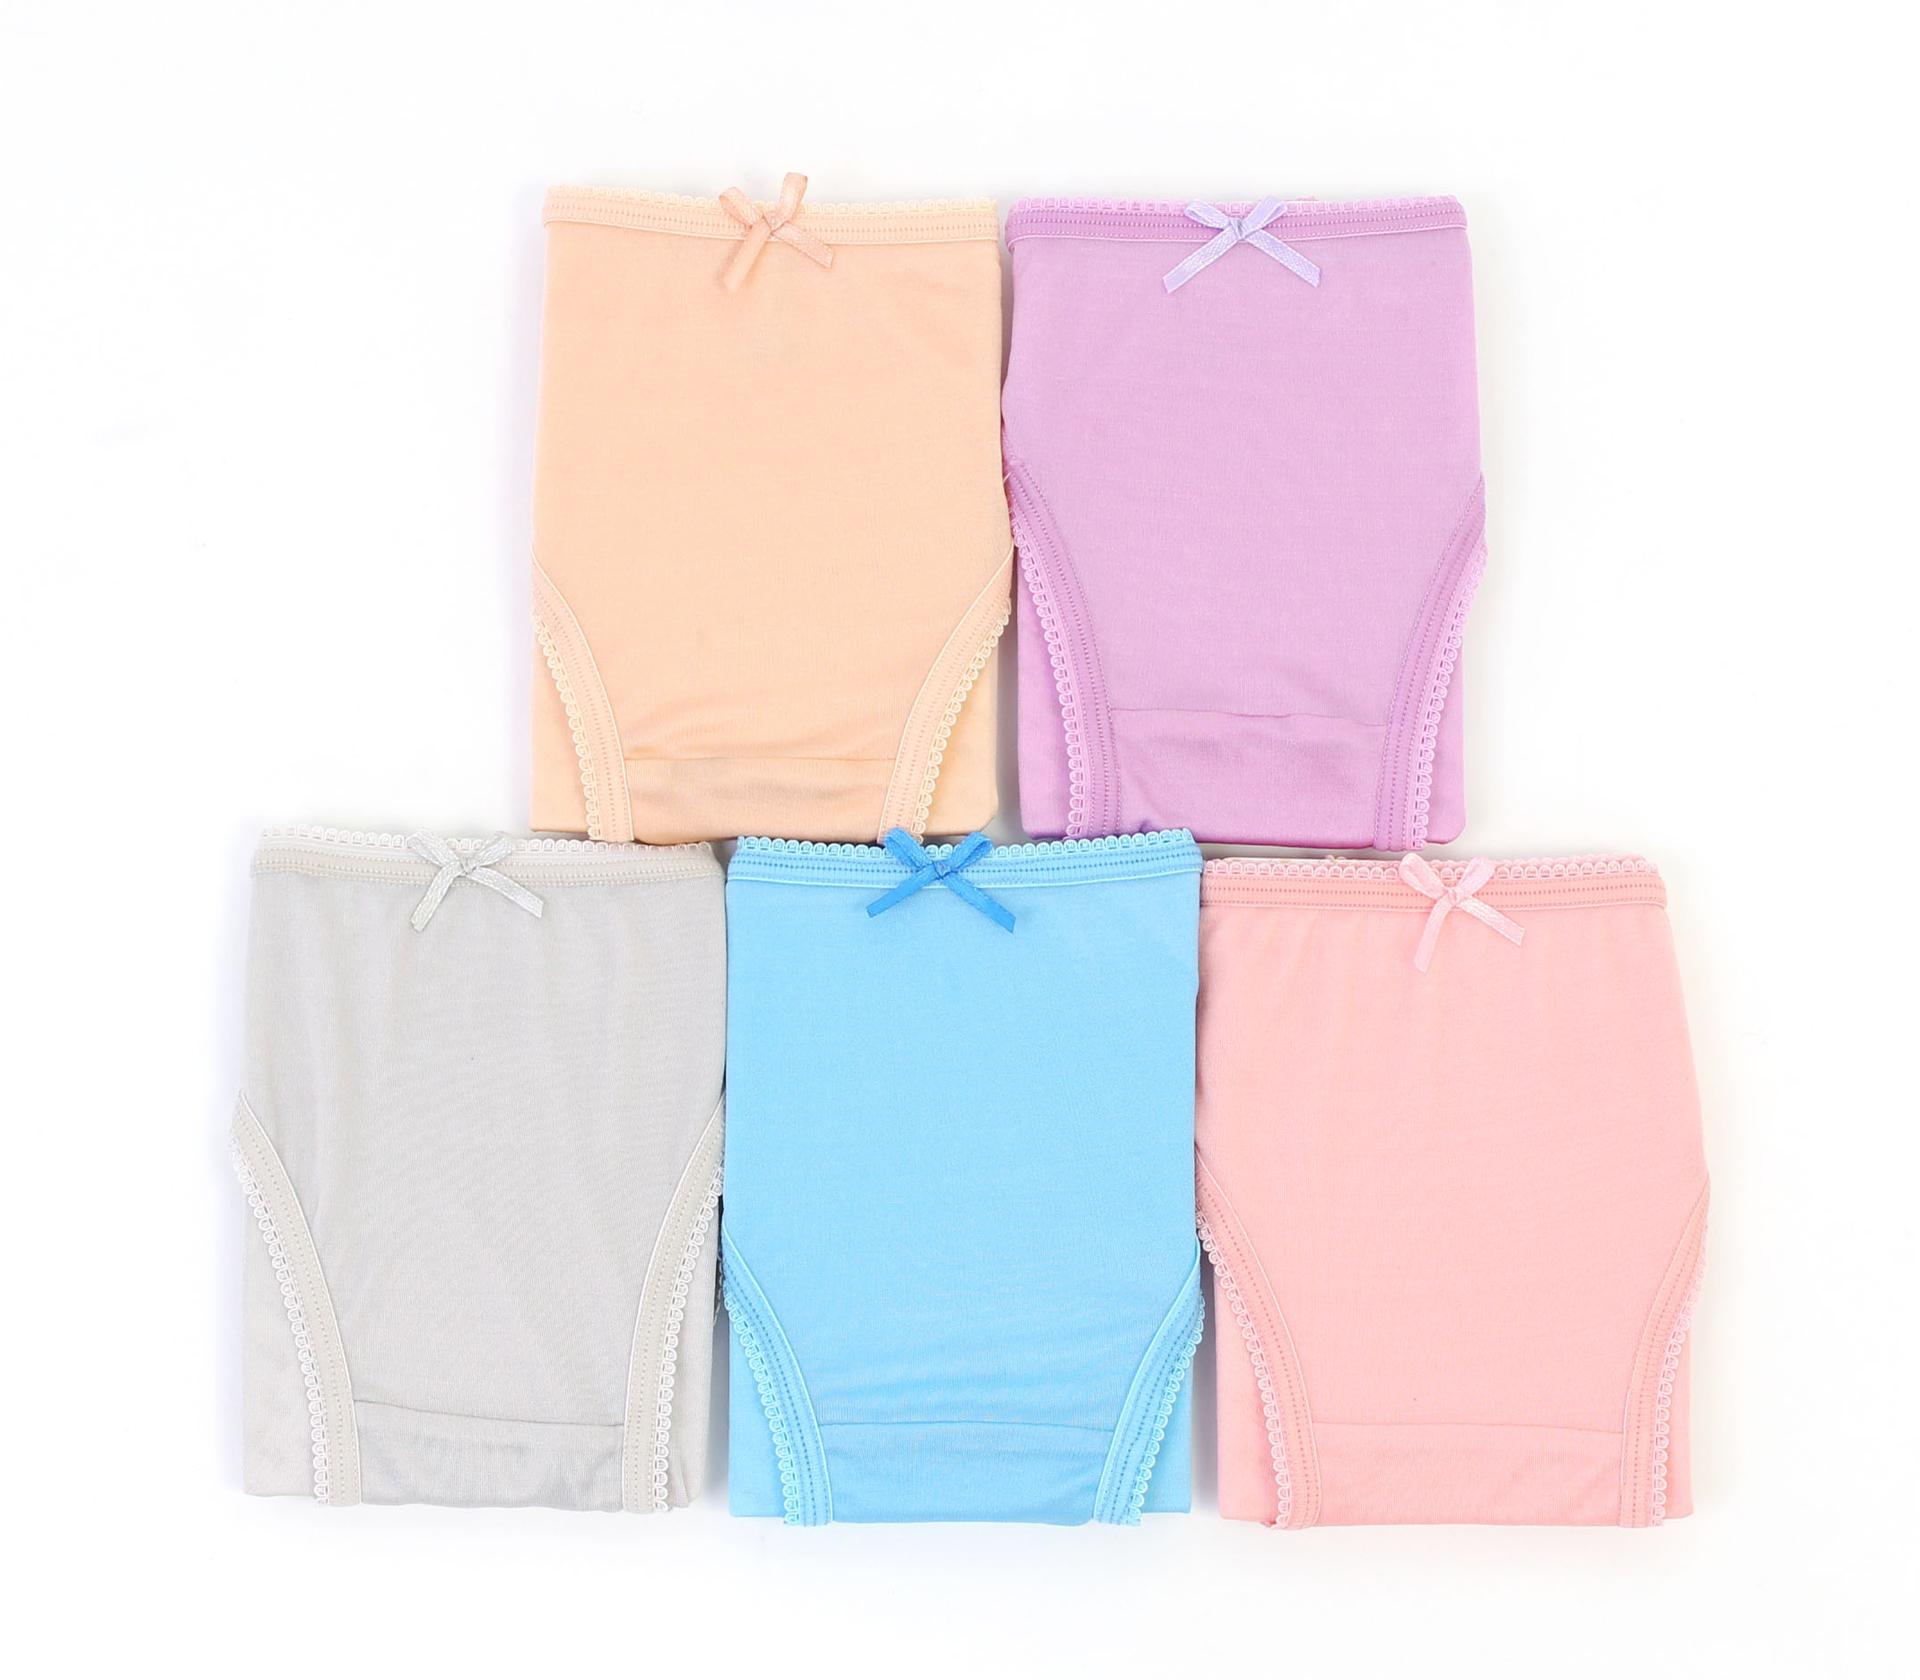 闕蘭絹唯美色調100%蠶絲內褲五件組-301